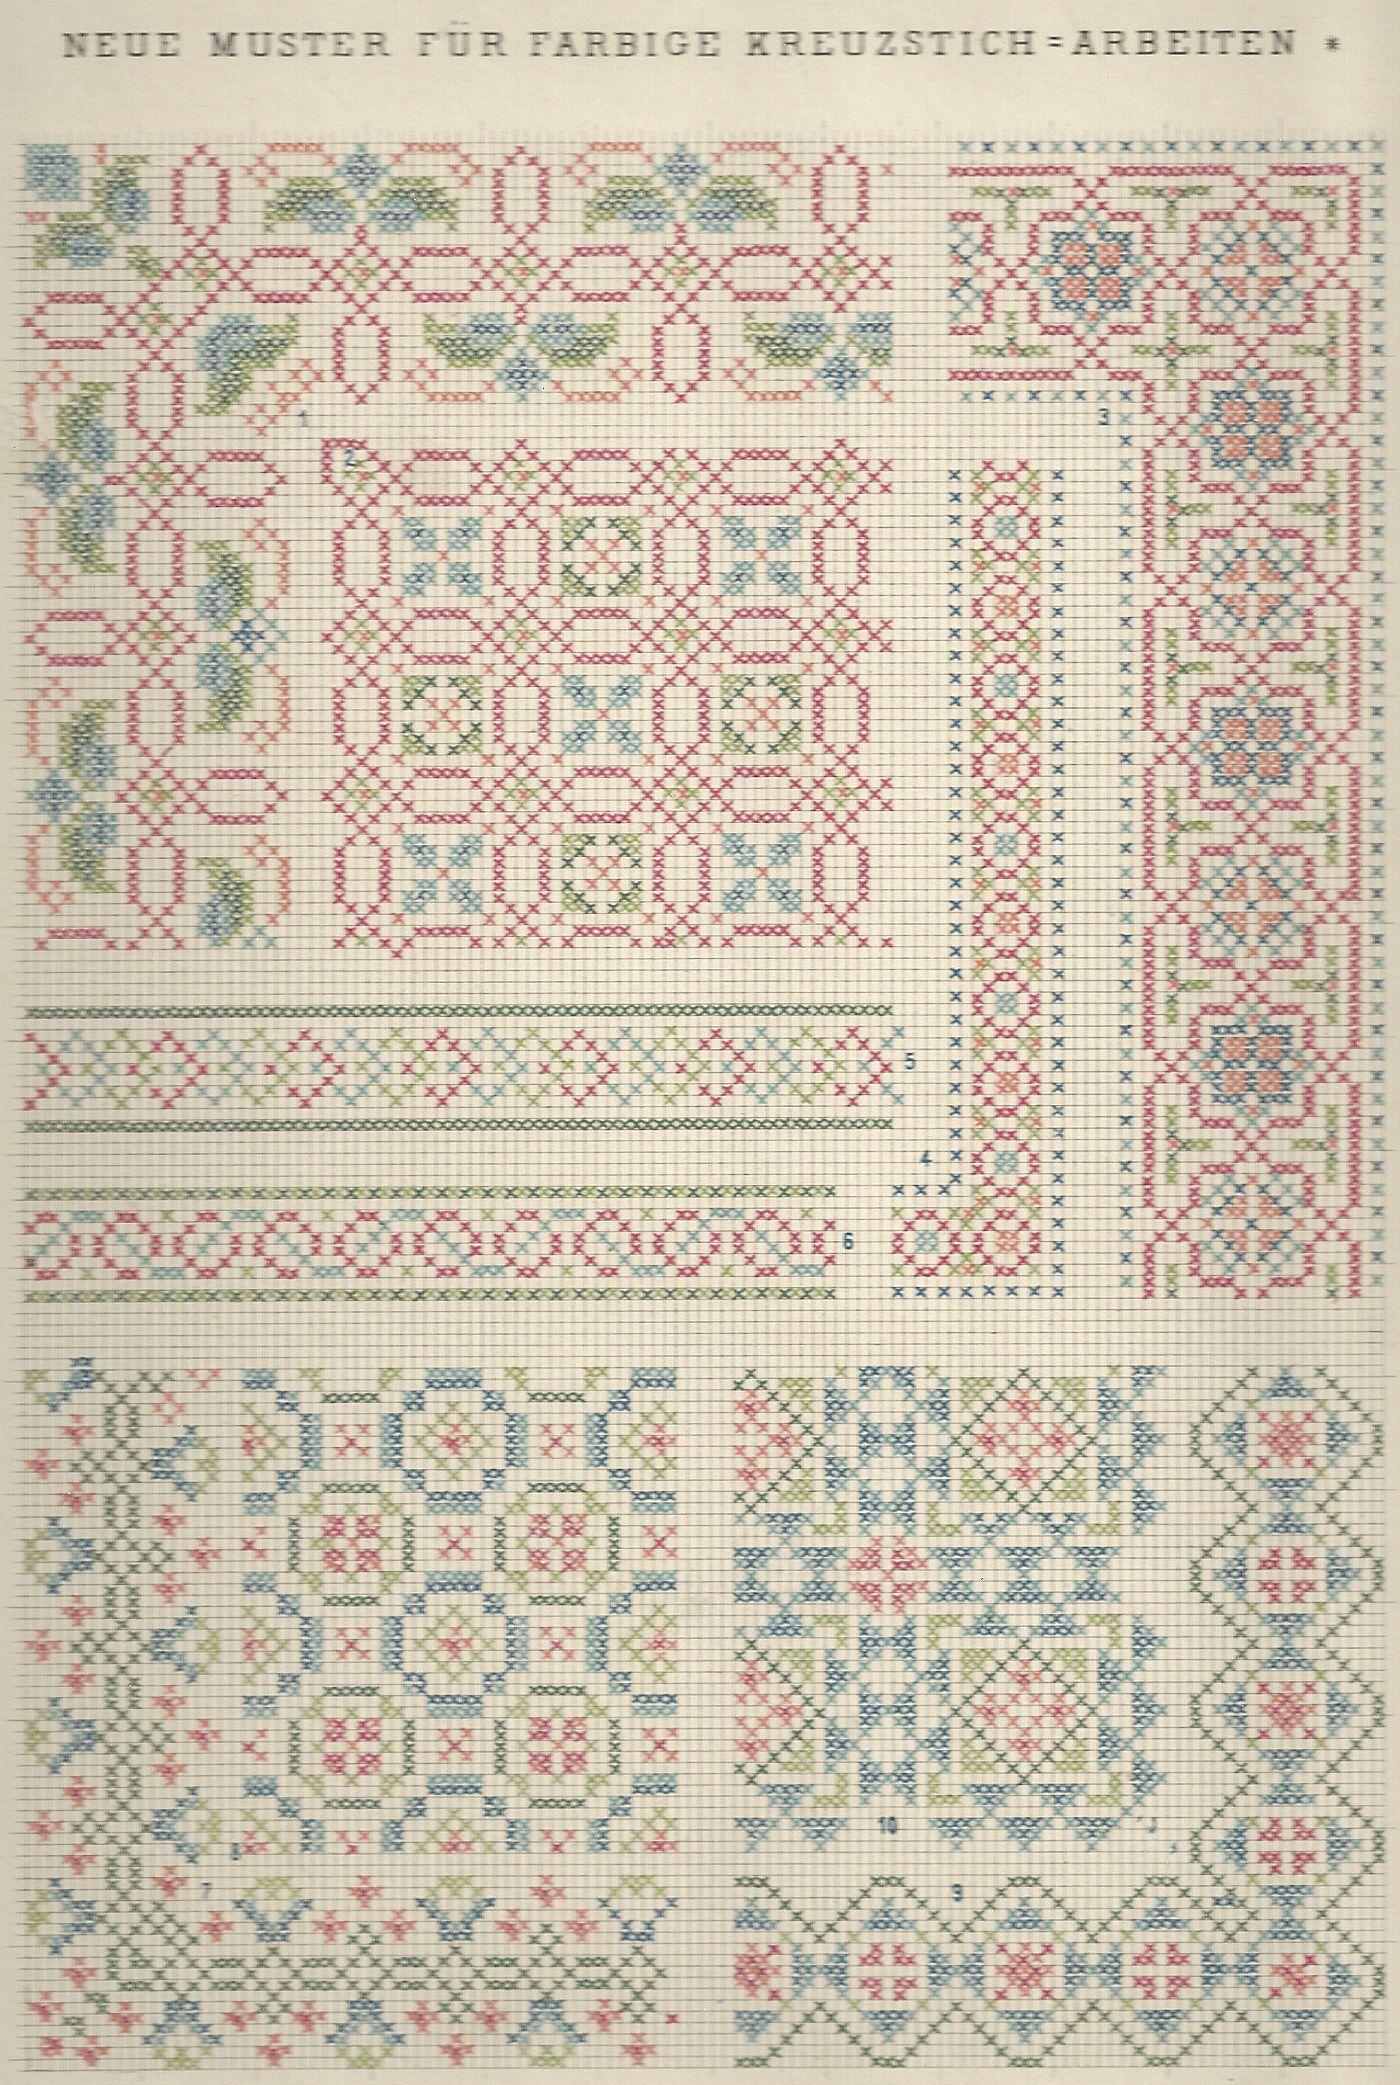 1 / Blatt 16 - Neue Muster-Vorlagen Fur Farbige Kreuzstich ...